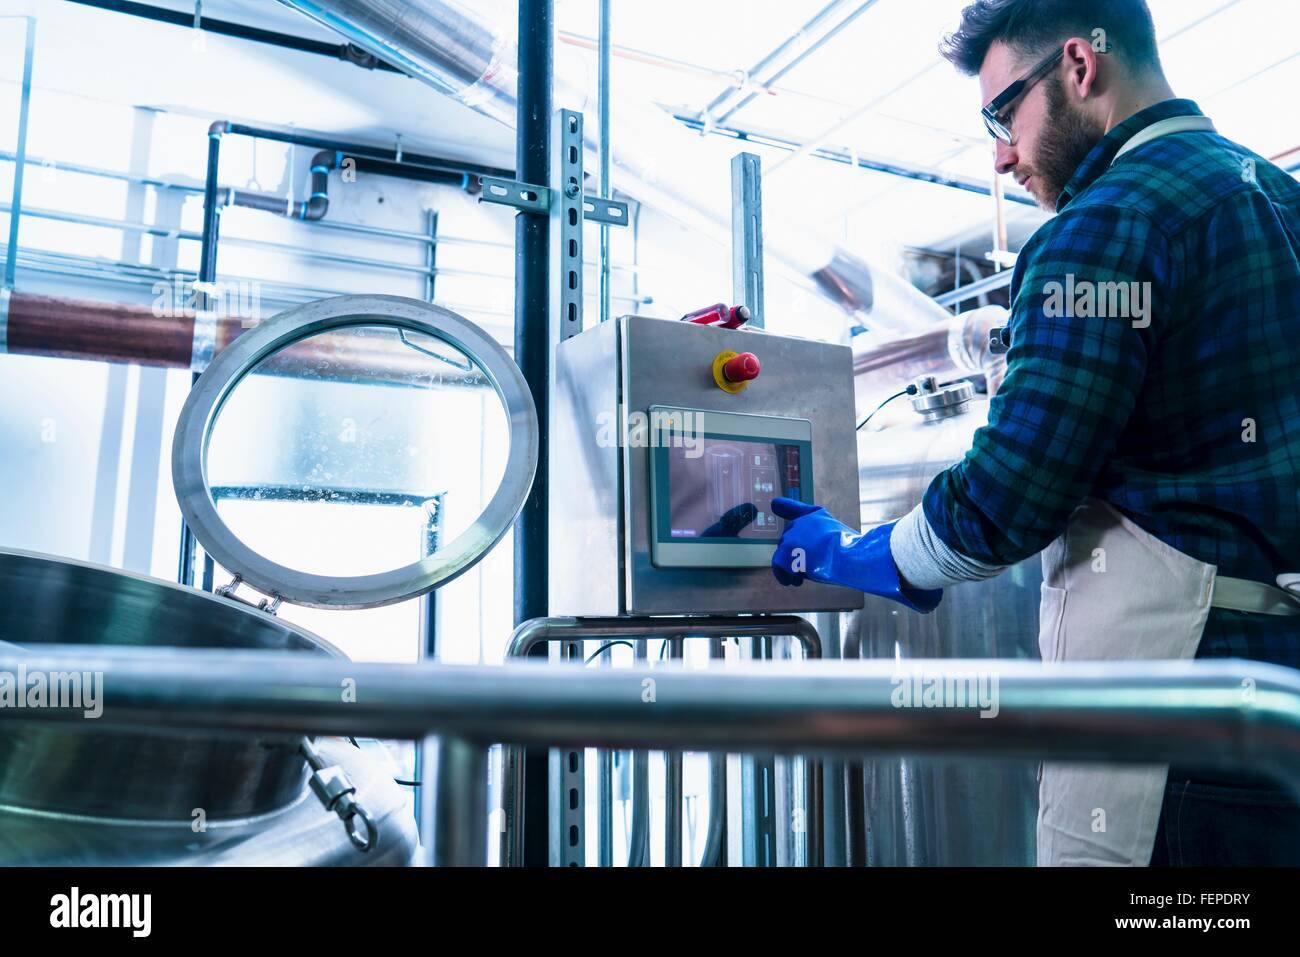 Jeune homme dans le port de la brasserie tablier et gants de protection à l'aide de l'équipement Photo Stock